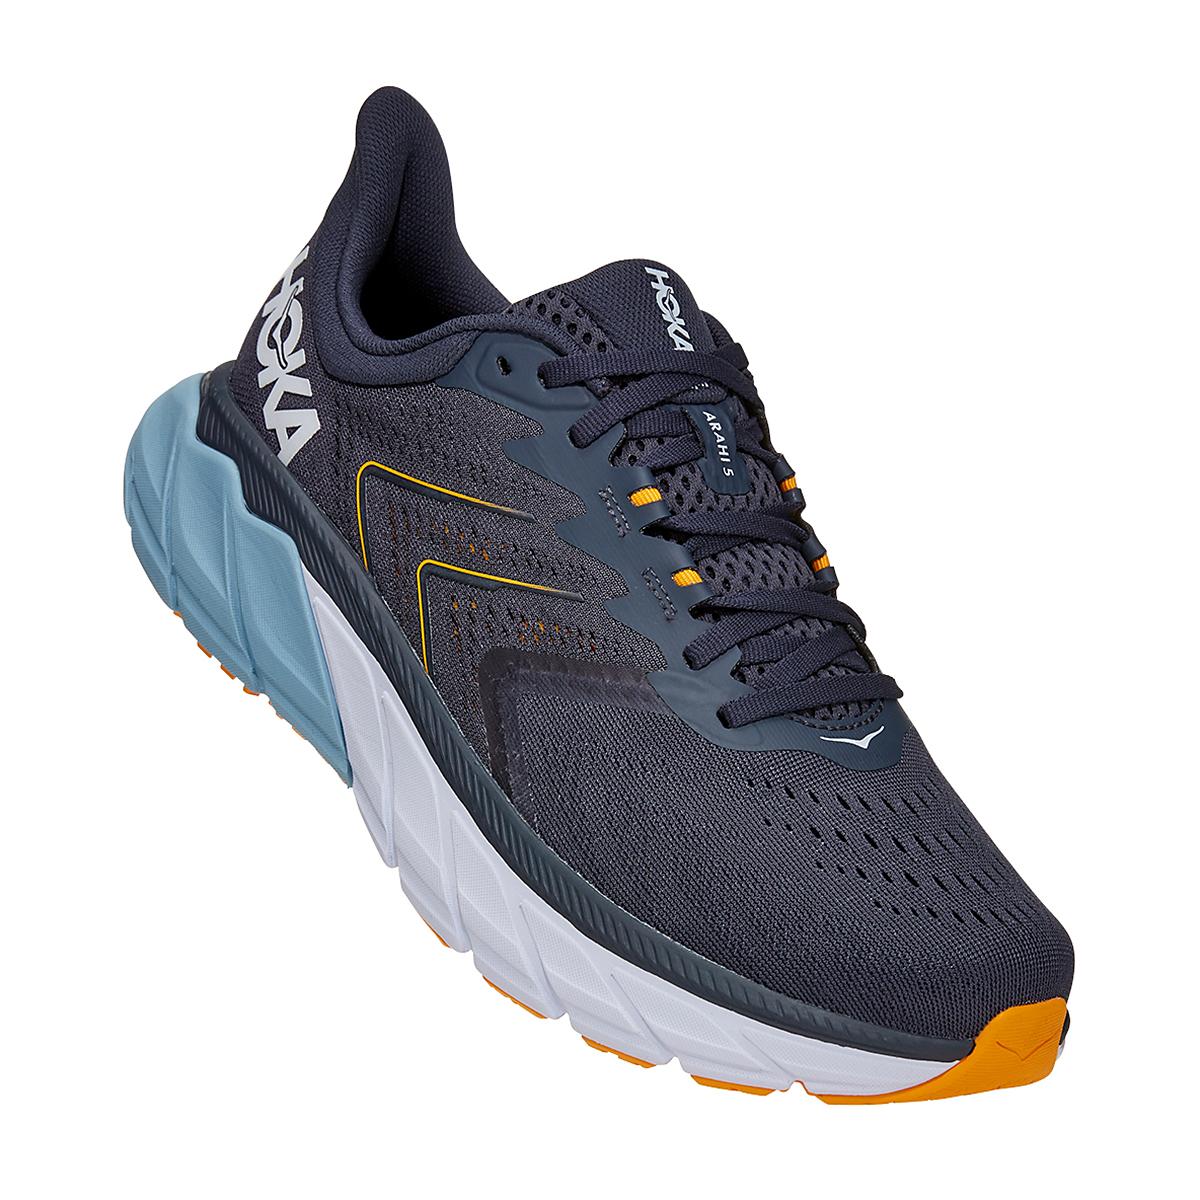 Men's Hoka One One Arahi 5 Running Shoe - Color: Ombre Blue/Blue Fog - Size: 8.5 - Width: Regular, Ombre Blue/Blue Fog, large, image 2